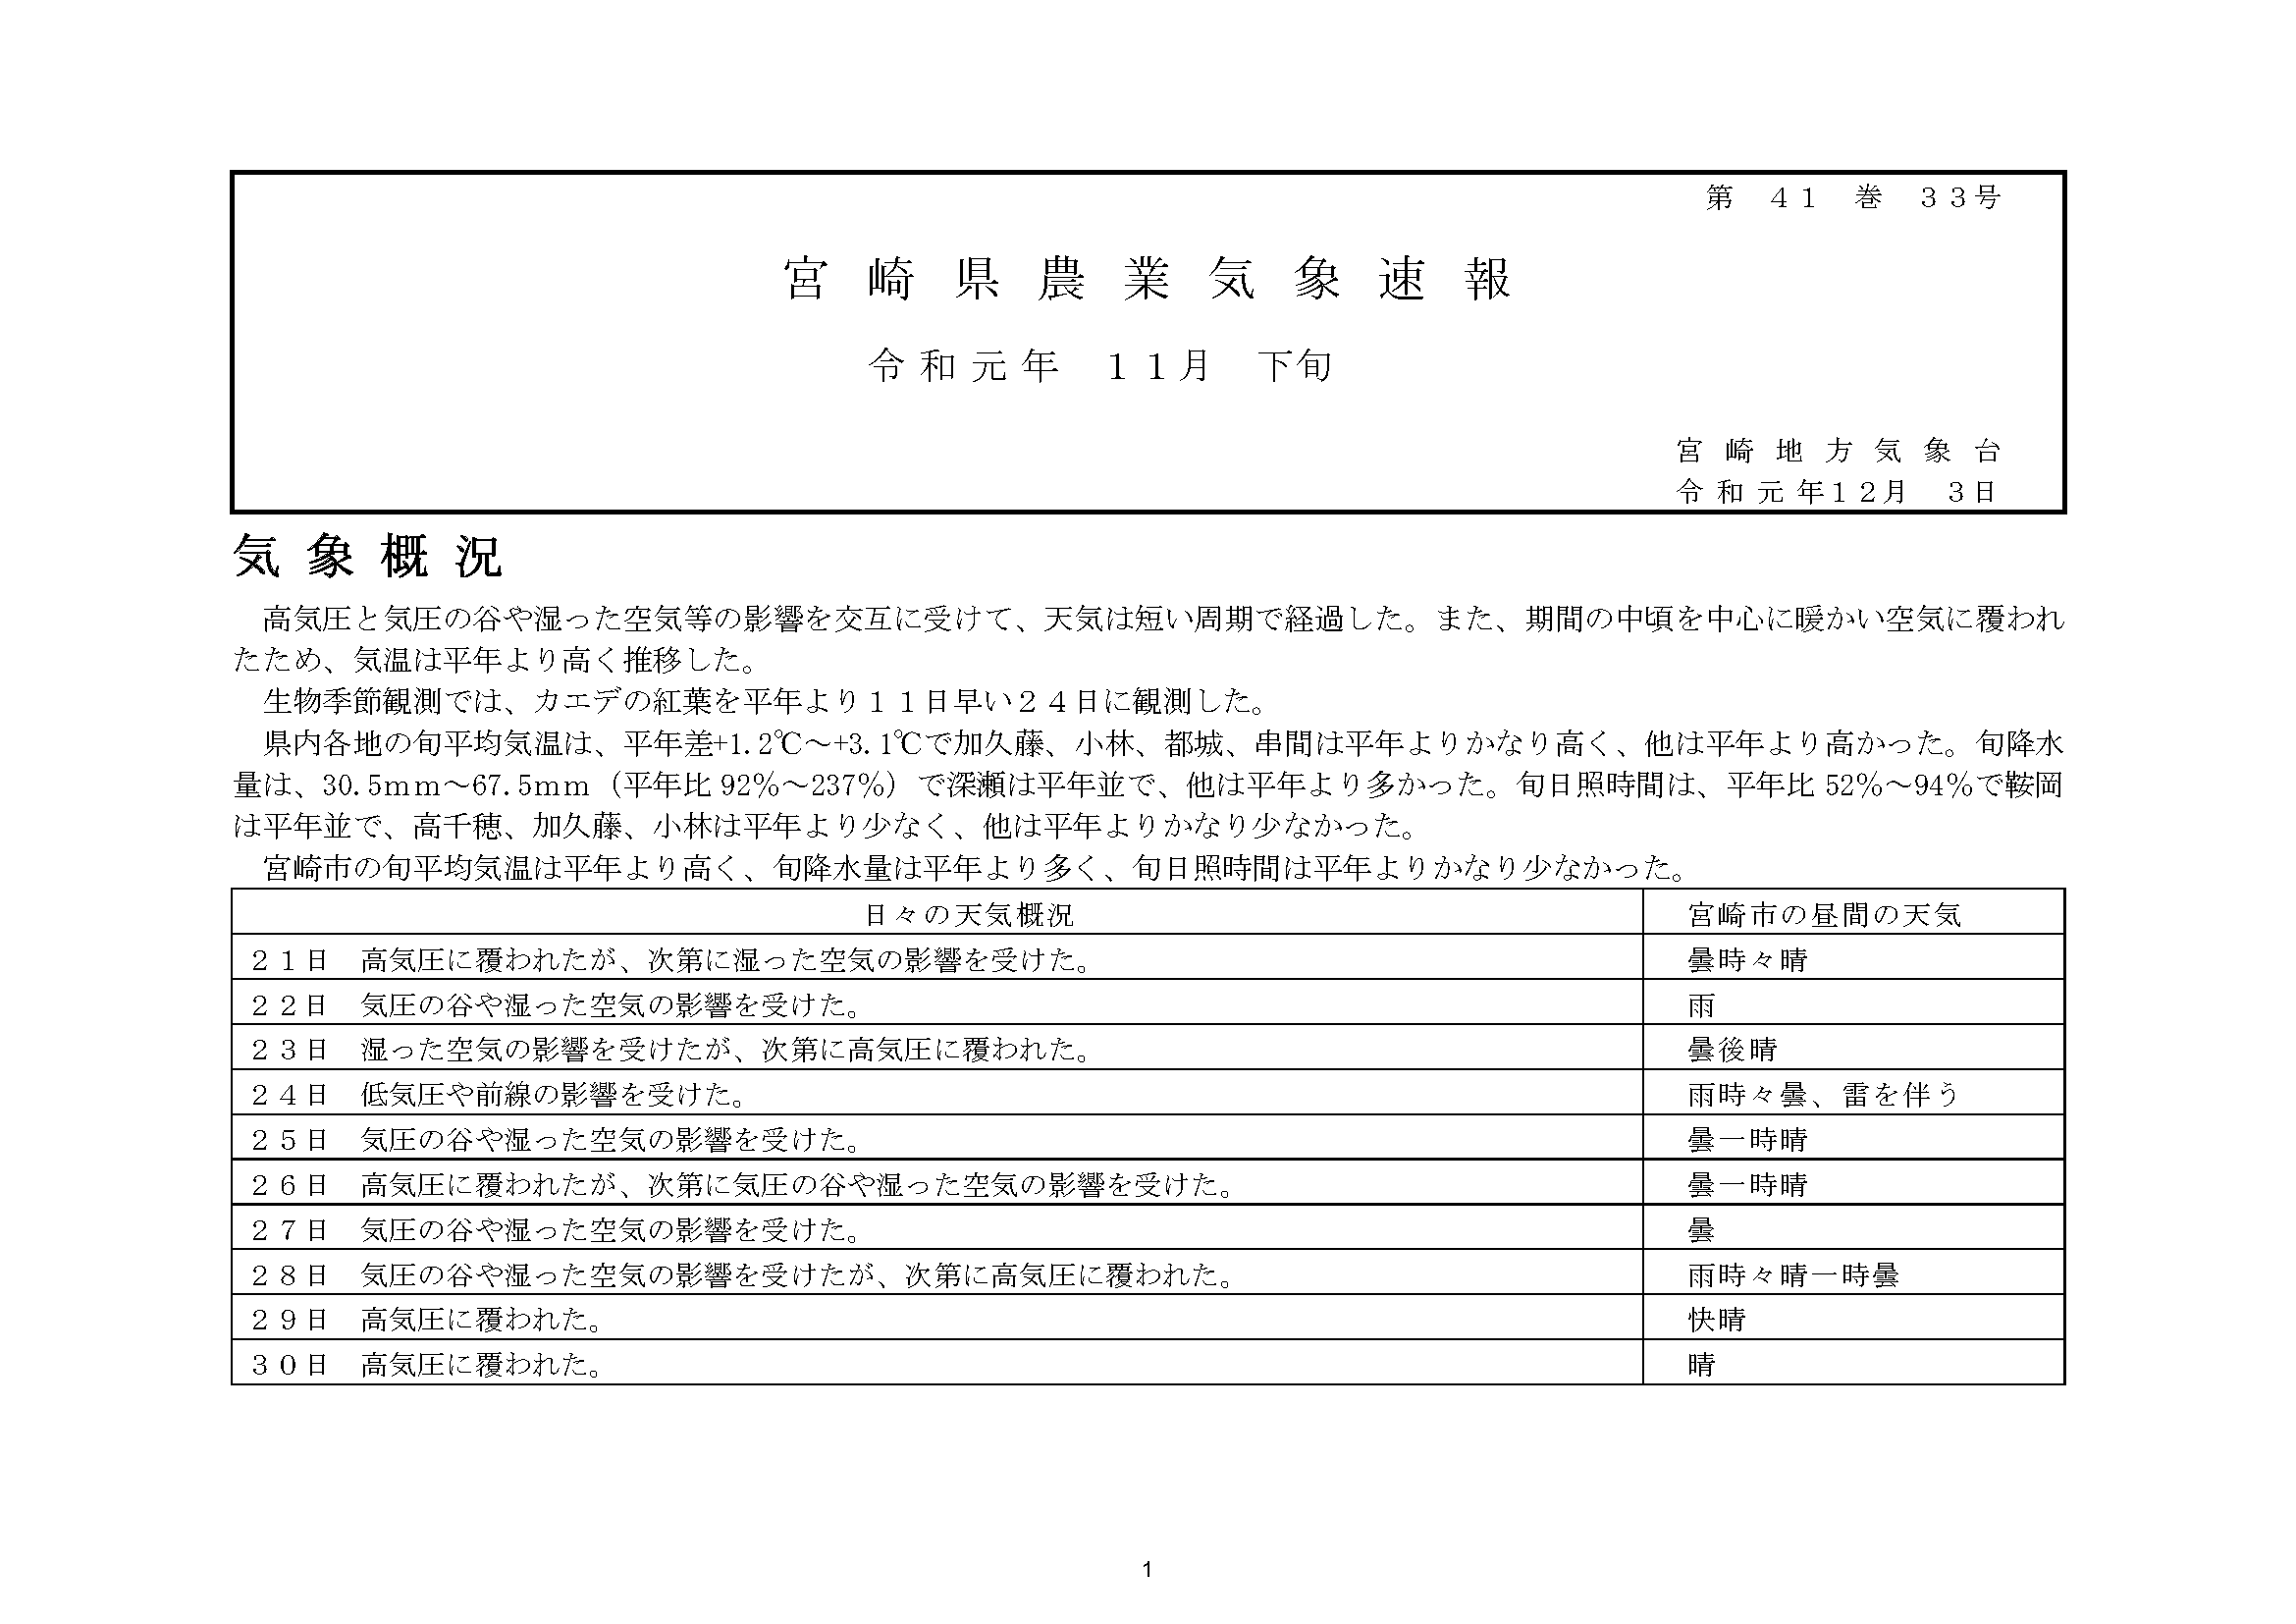 宮崎県農業気象速報令和元年11月下旬PDF